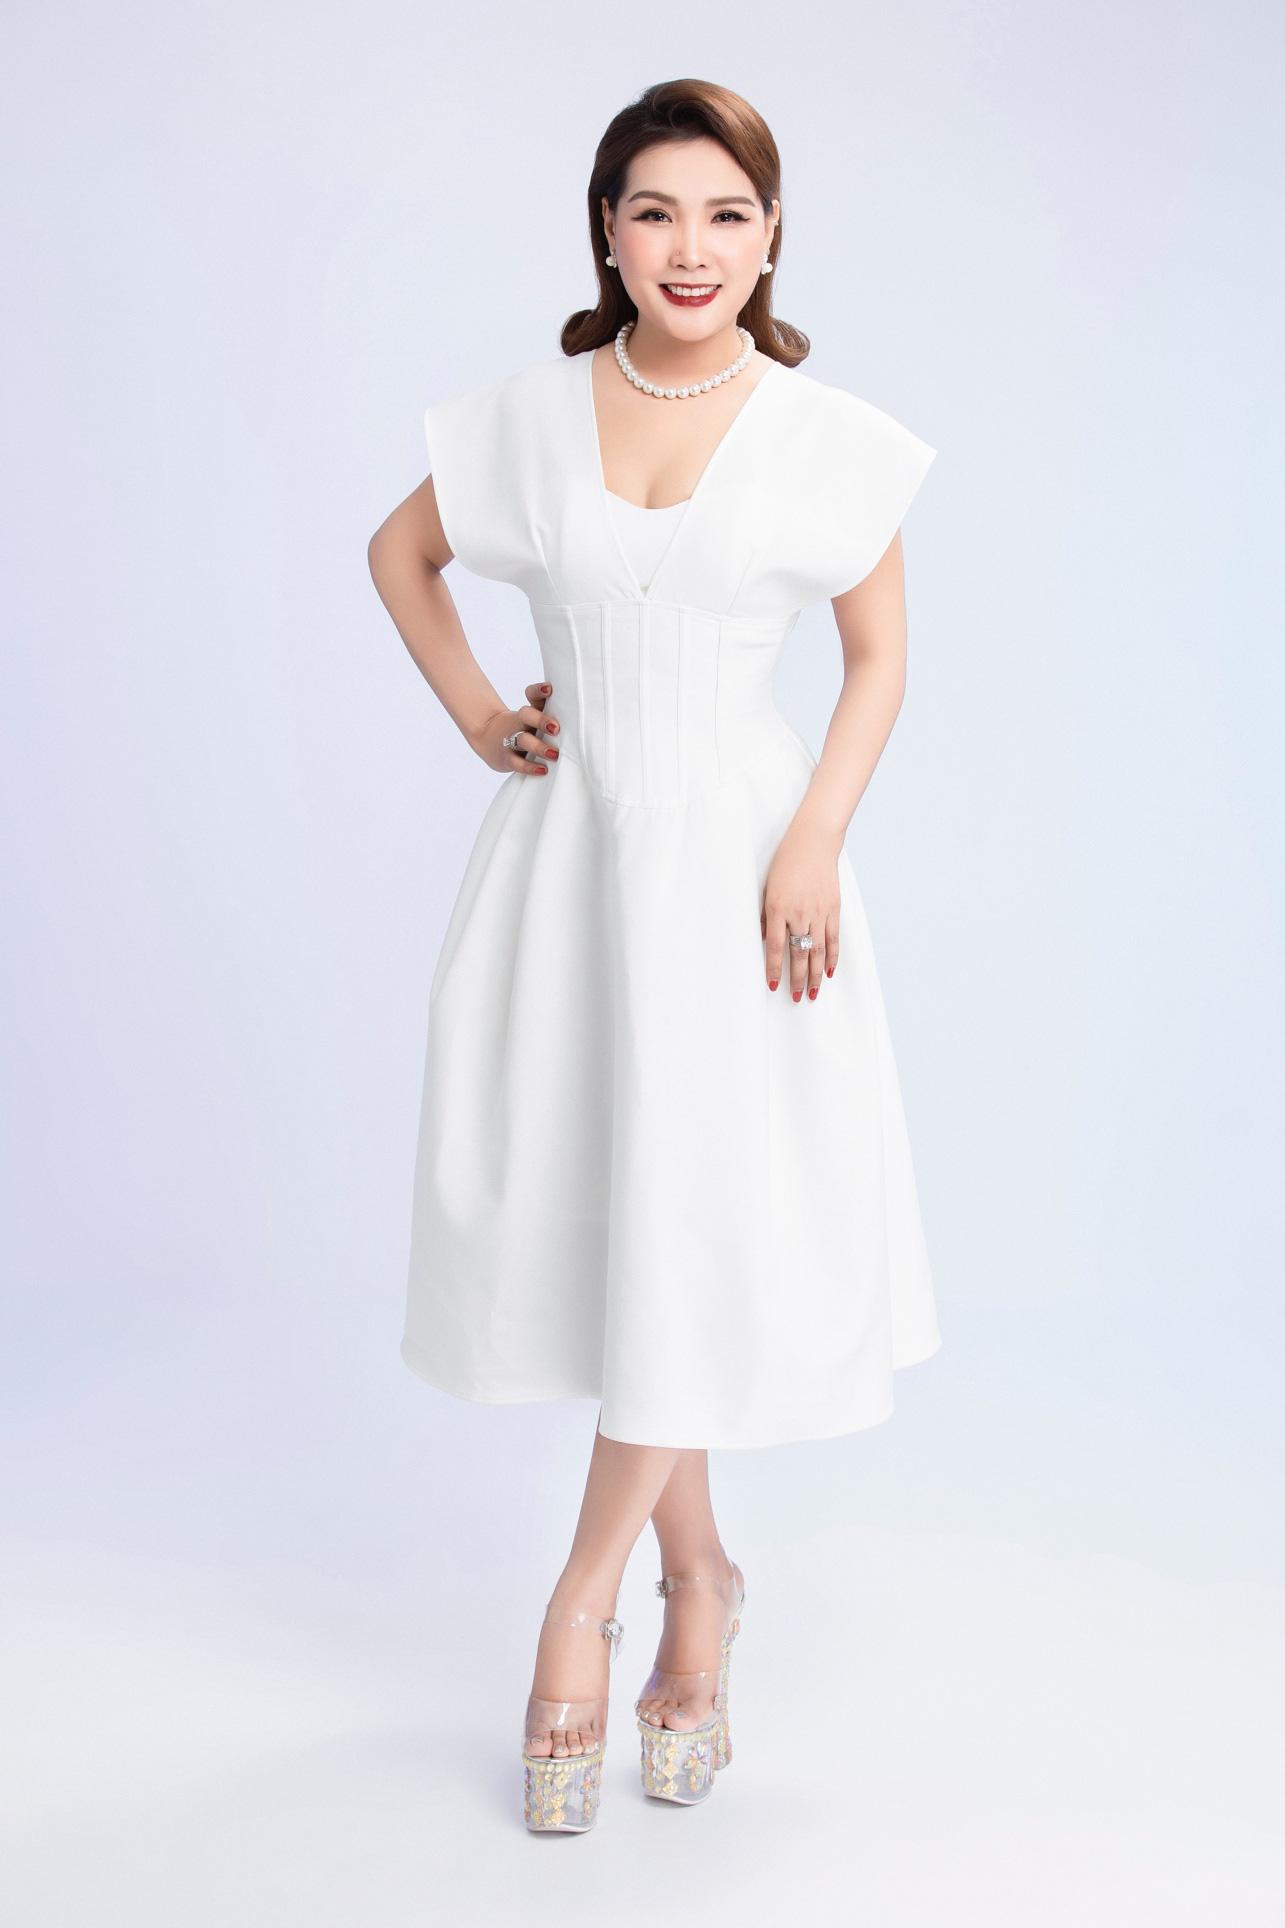 Thạc sĩ, nhà báo Đặng Gia Bena tô đậm thành công Hoa hậu Doanh nhân Việt Nam Toàn cầu 2020 - Ảnh 3.